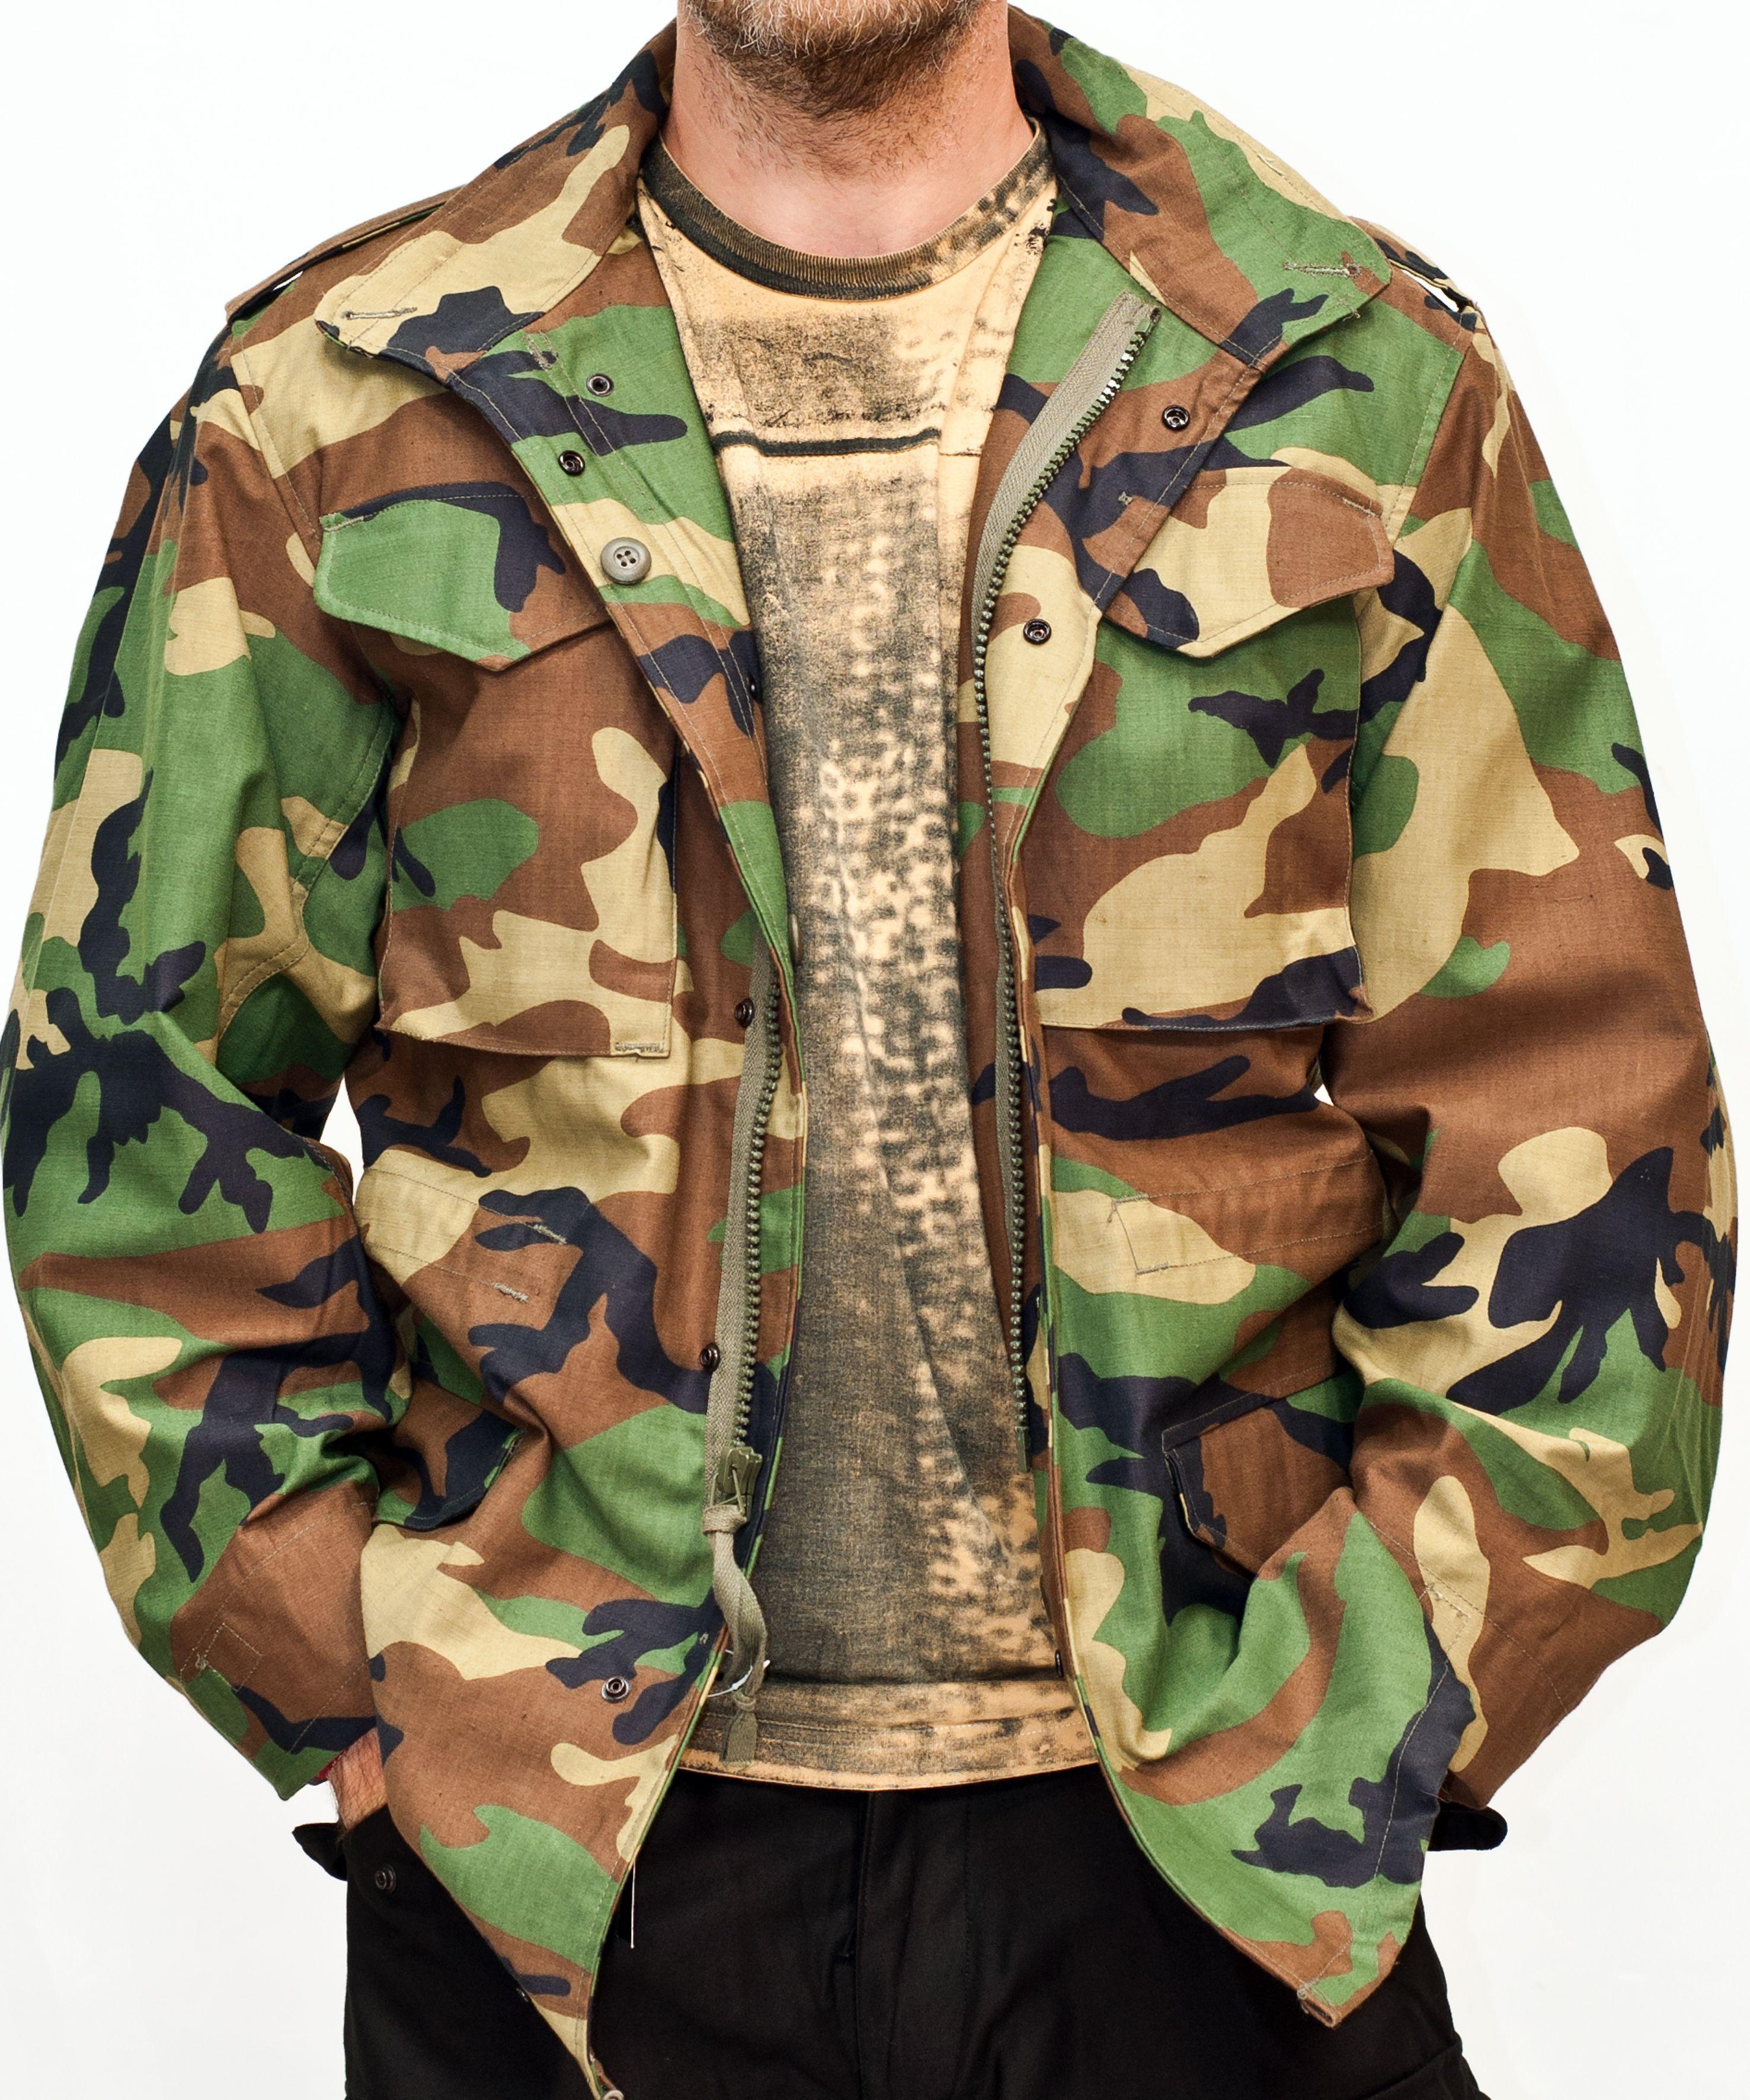 8b822fc61e M65 terepmintás kabát | Terepmintás ruhák ekkor: 2019 | Military ...